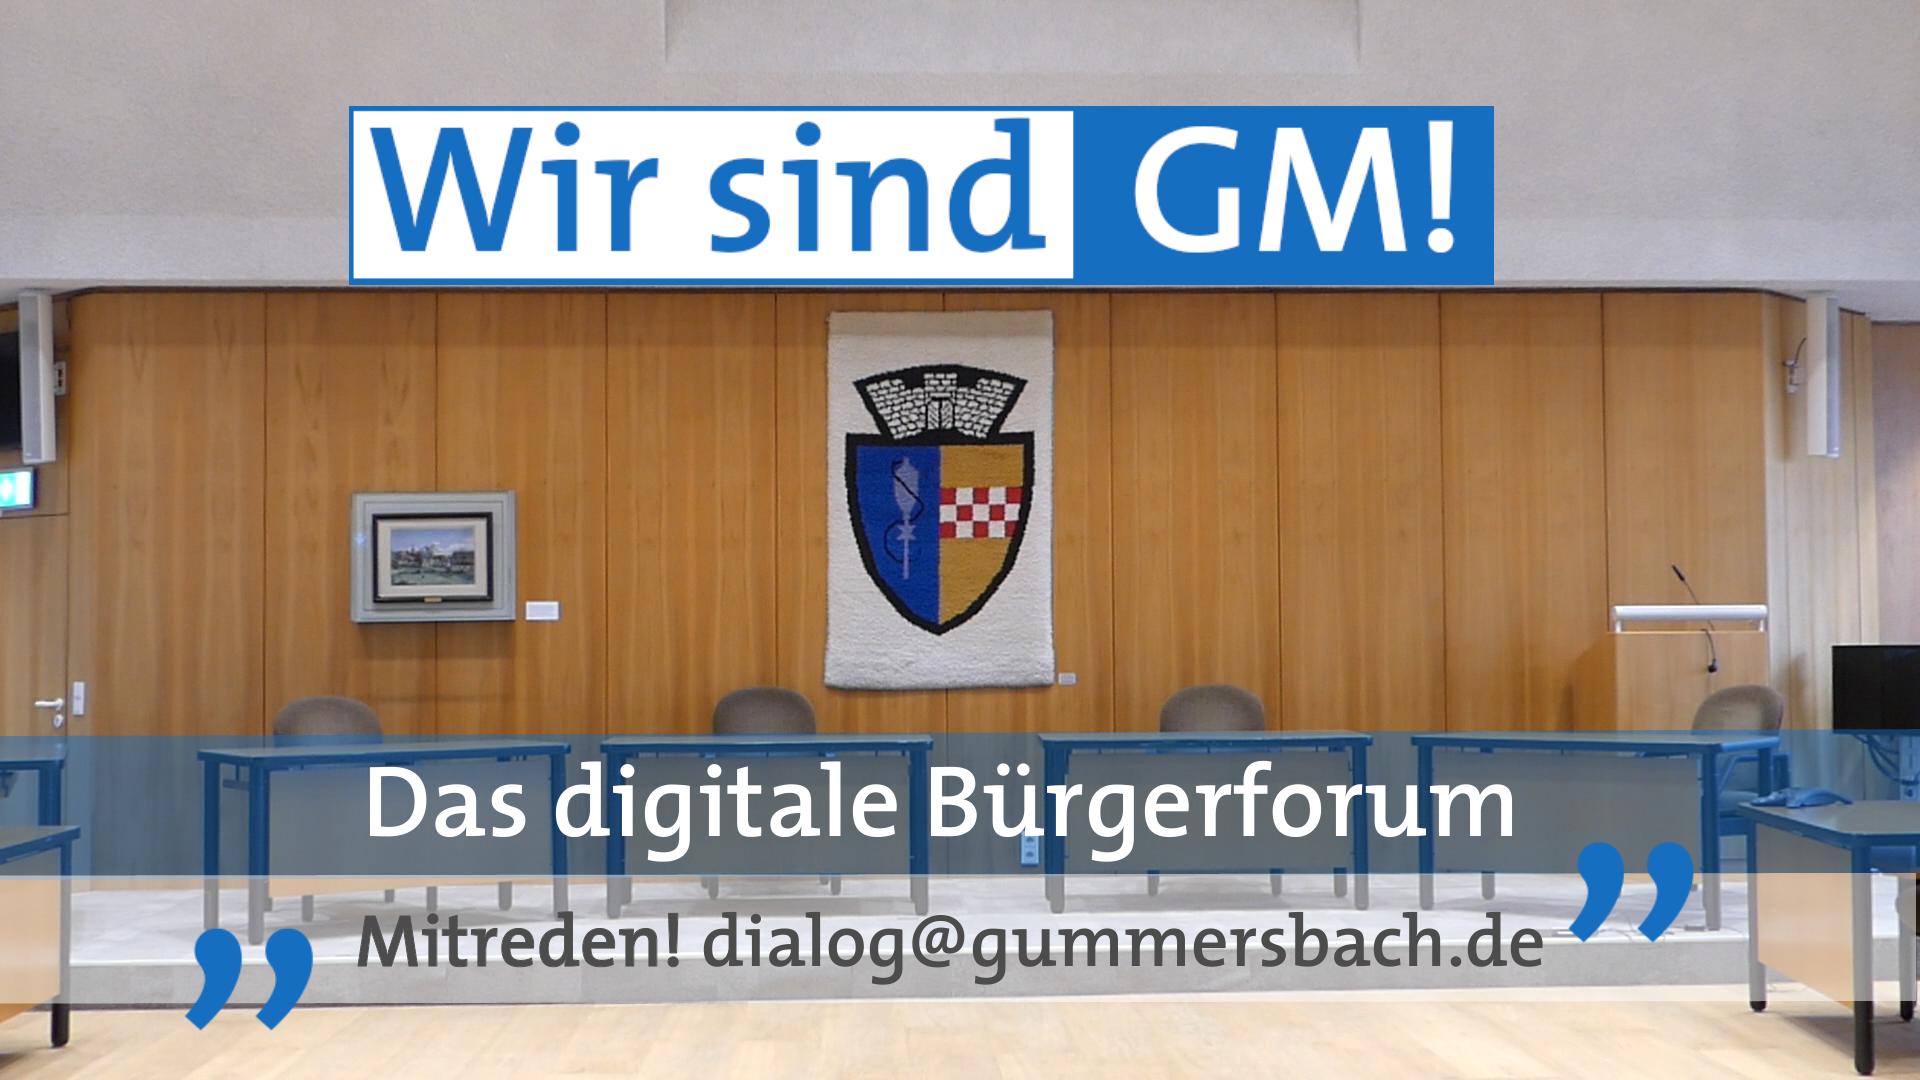 Wir sind GM! - Das digitale Bürgerforum